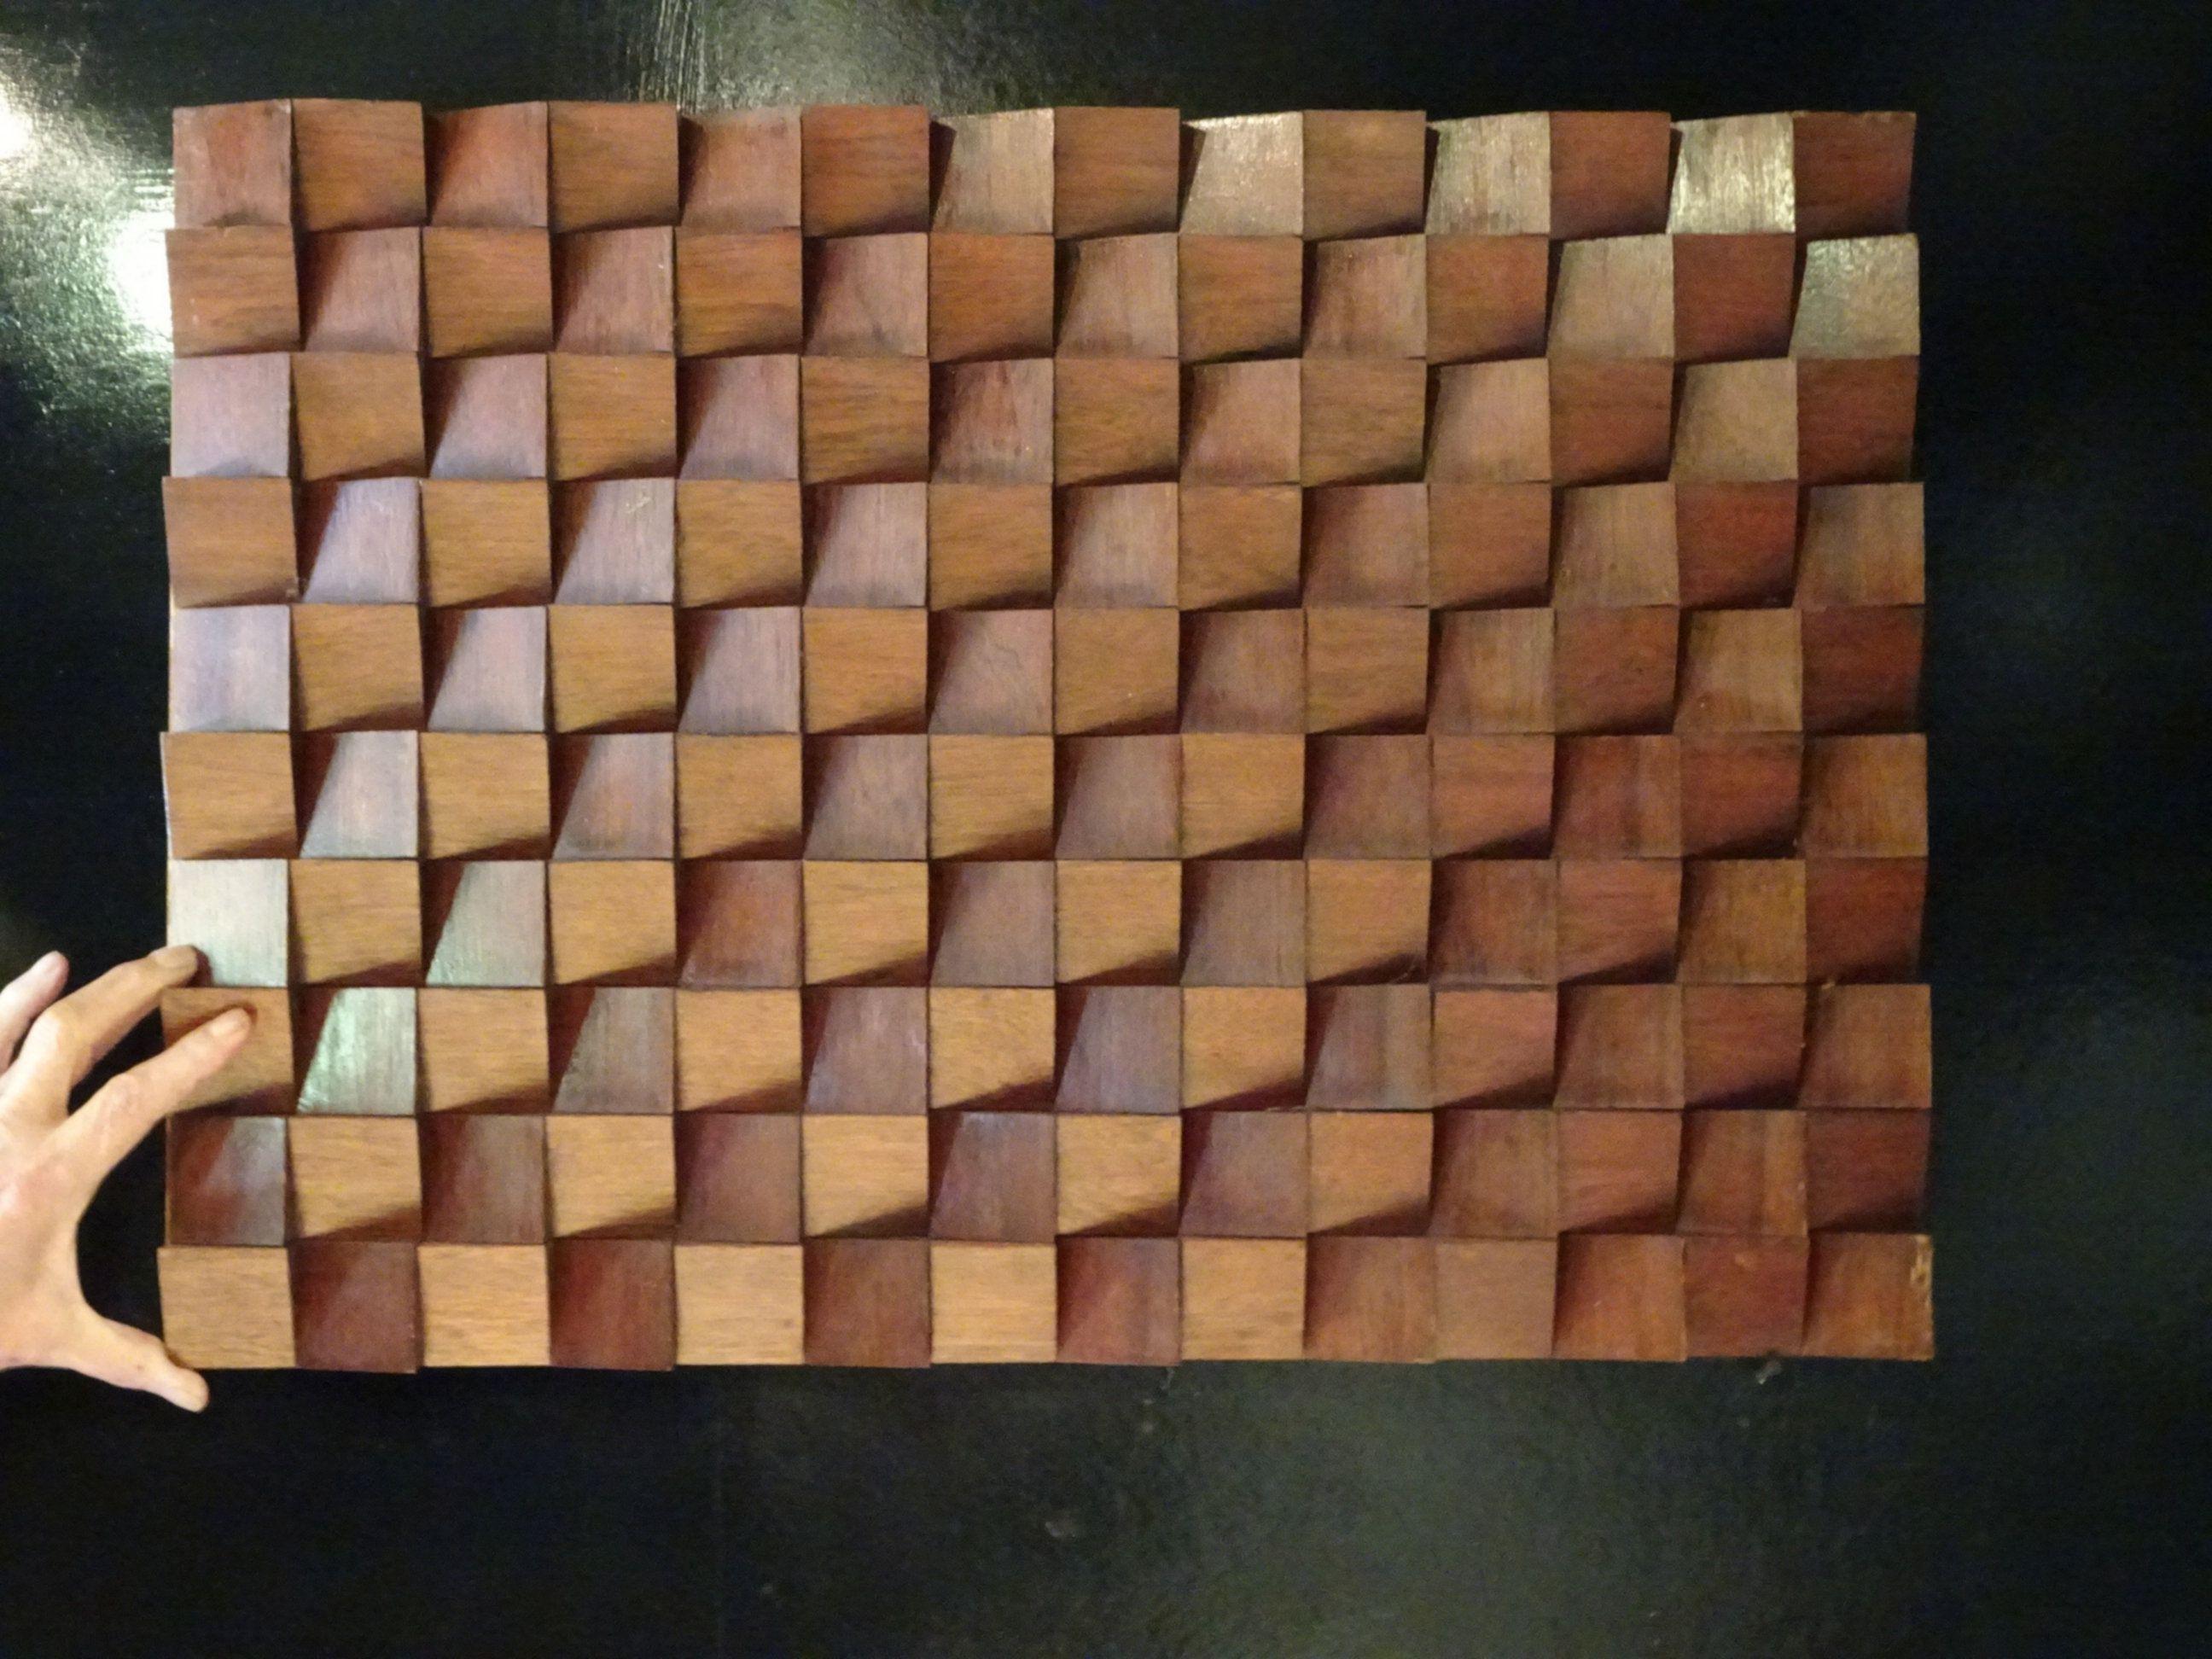 3d Wood Panel Wooden Mosaic Wall Decor Texture Wood Wall Art Wood Paneling Mosaic Wall Wood Wall Art